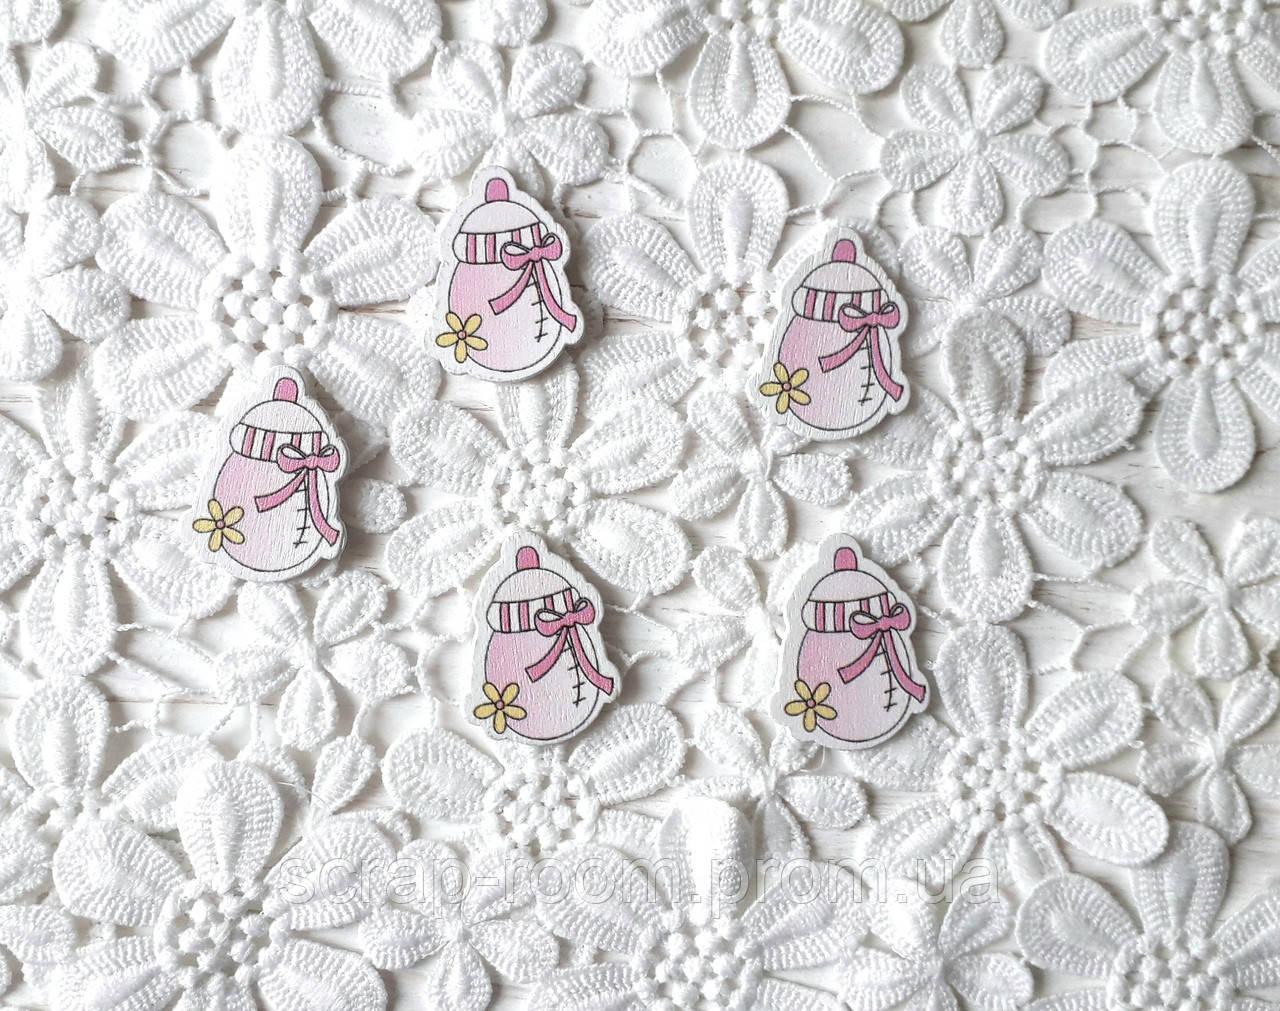 Деревянный кабошон детский Бутылочка для девочки розовая, розовая бутылочка, baby girl